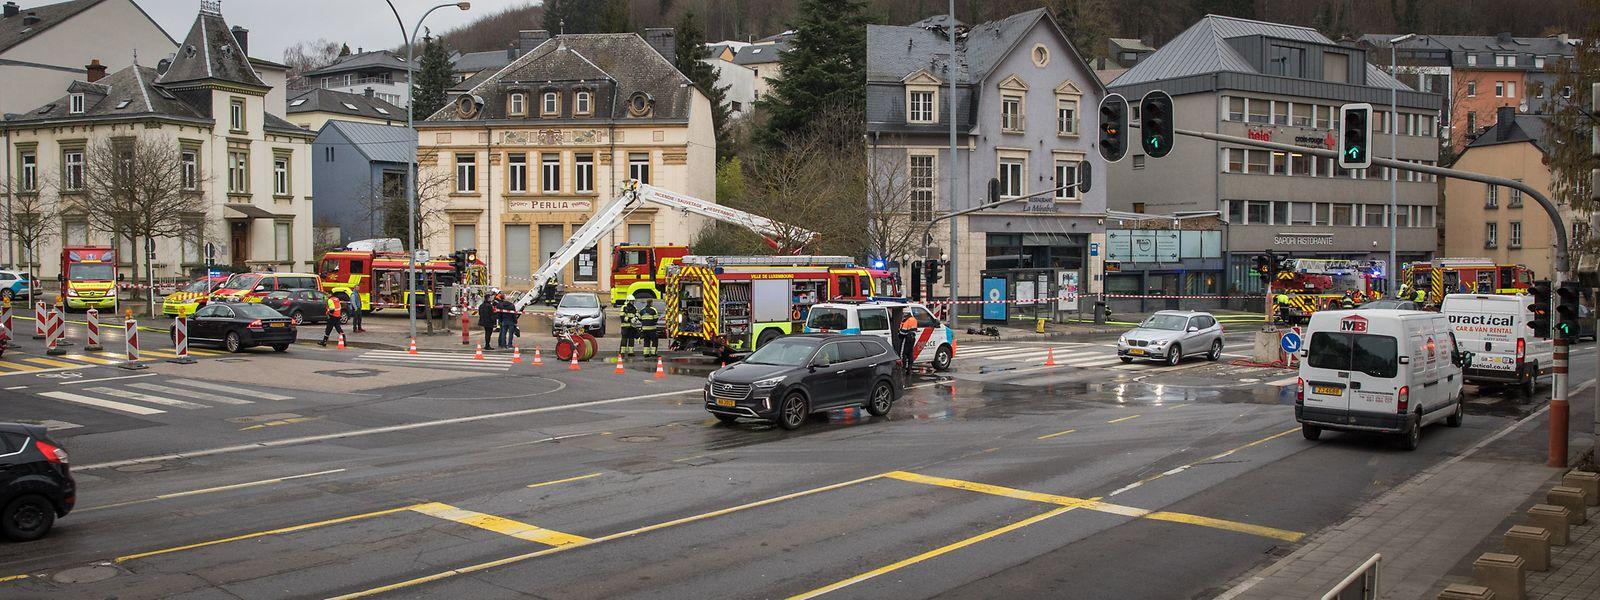 """Am Freitagmorgen ereignete sich an der Place d'Argent ein Dachstuhlbrand im Restaurant """"La Mirabelle""""."""